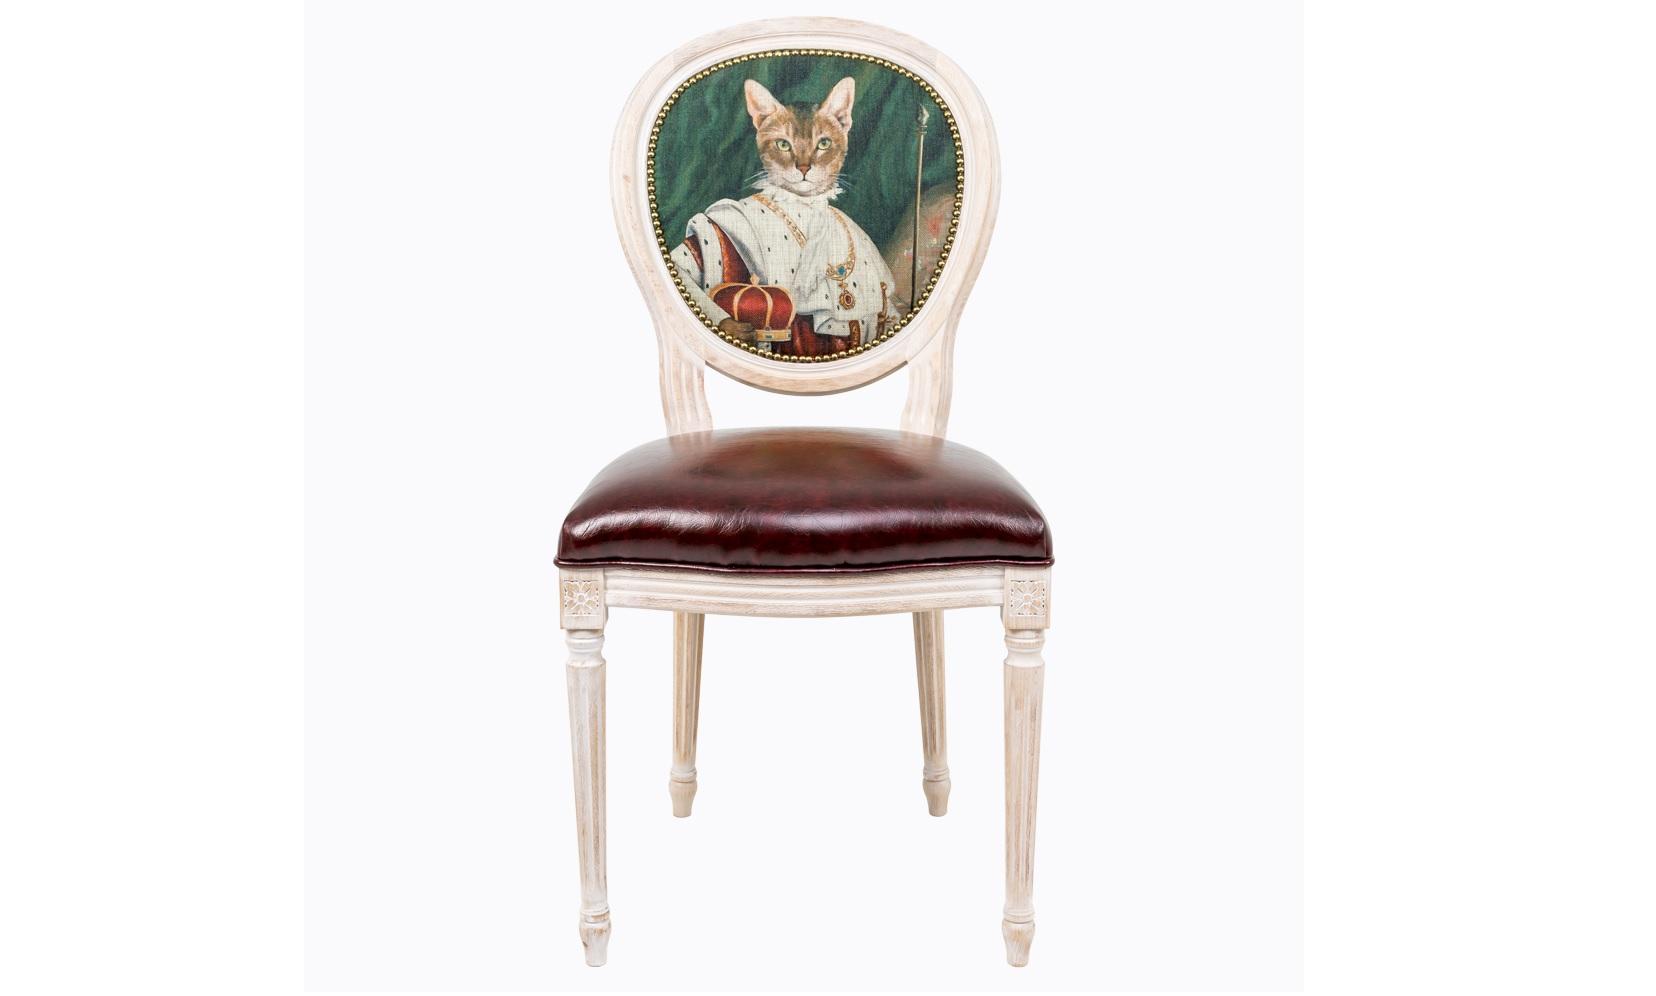 Стул Музейный экспонат, версия 6Обеденные стулья<br>Прототипом анималистичной фантазии стала картина Франсуа Жерара, - портрет Наполеона Бонопарта Первого, - прославленного императора и полководца, заложившего в XVI веке основы французского государства. Стулья серии &amp;quot;Музейный экспонат&amp;quot; имитируют дворцовую эпоху Луи-Филиппа, предпочитающую благородные лаконичные формы, раскрашенные золотистыми анкерами и филигранной резьбой. Натуральное дерево и ручная работа одухотворяют предметы мебели, вносят эмоции тепла и персональной заботы.<br>Стулья изготовлены из ядра натурального бука. Корпусы стульев серии &amp;quot;Музейный экспонат&amp;quot; выточены, брашированы и патинированы в Италии. Благородная фактура натурального дерева подчеркнута рукописной патиной. Обивка спинки оснащена тефлоновым покрытием против пятен.&amp;lt;div&amp;gt;&amp;lt;br&amp;gt;&amp;lt;/div&amp;gt;&amp;lt;div&amp;gt;Материал сидения - экокожа.&amp;lt;/div&amp;gt;<br><br>Material: Дерево<br>Width см: 50<br>Depth см: 47<br>Height см: 98